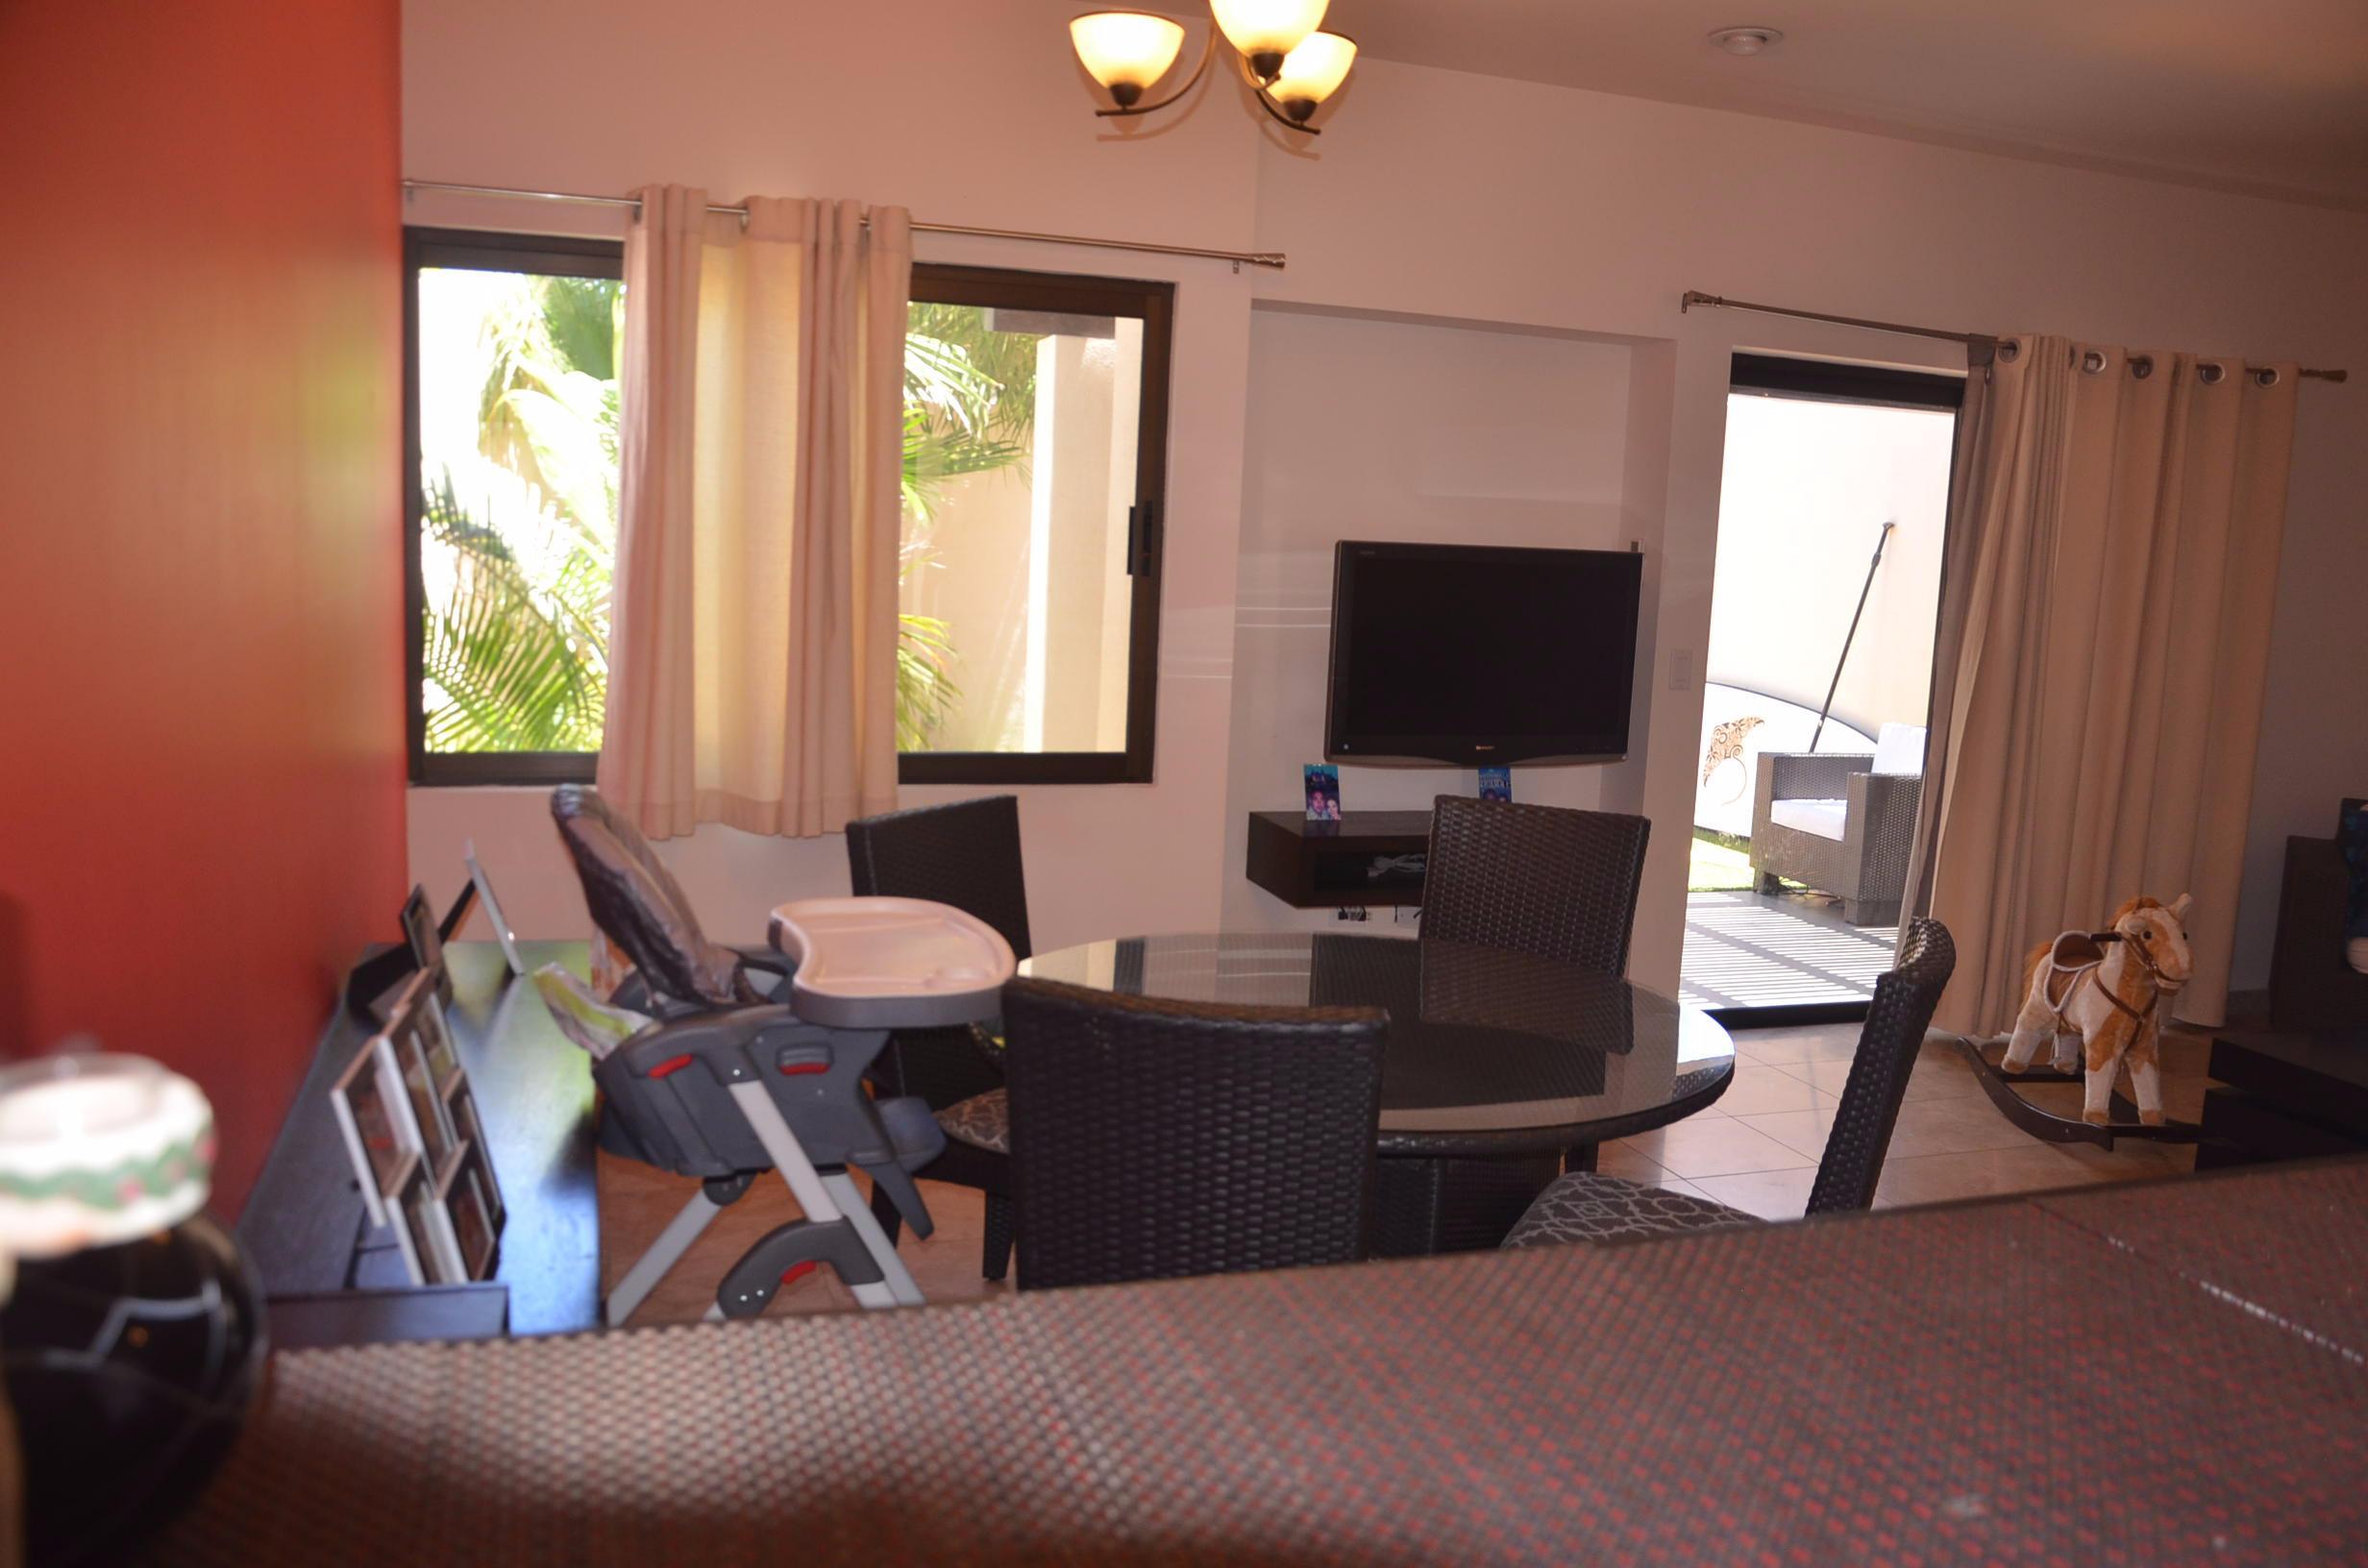 San Jose del Cabo, 5 Bedrooms Bedrooms, ,4 BathroomsBathrooms,House,For Sale,Marinos,15-1636